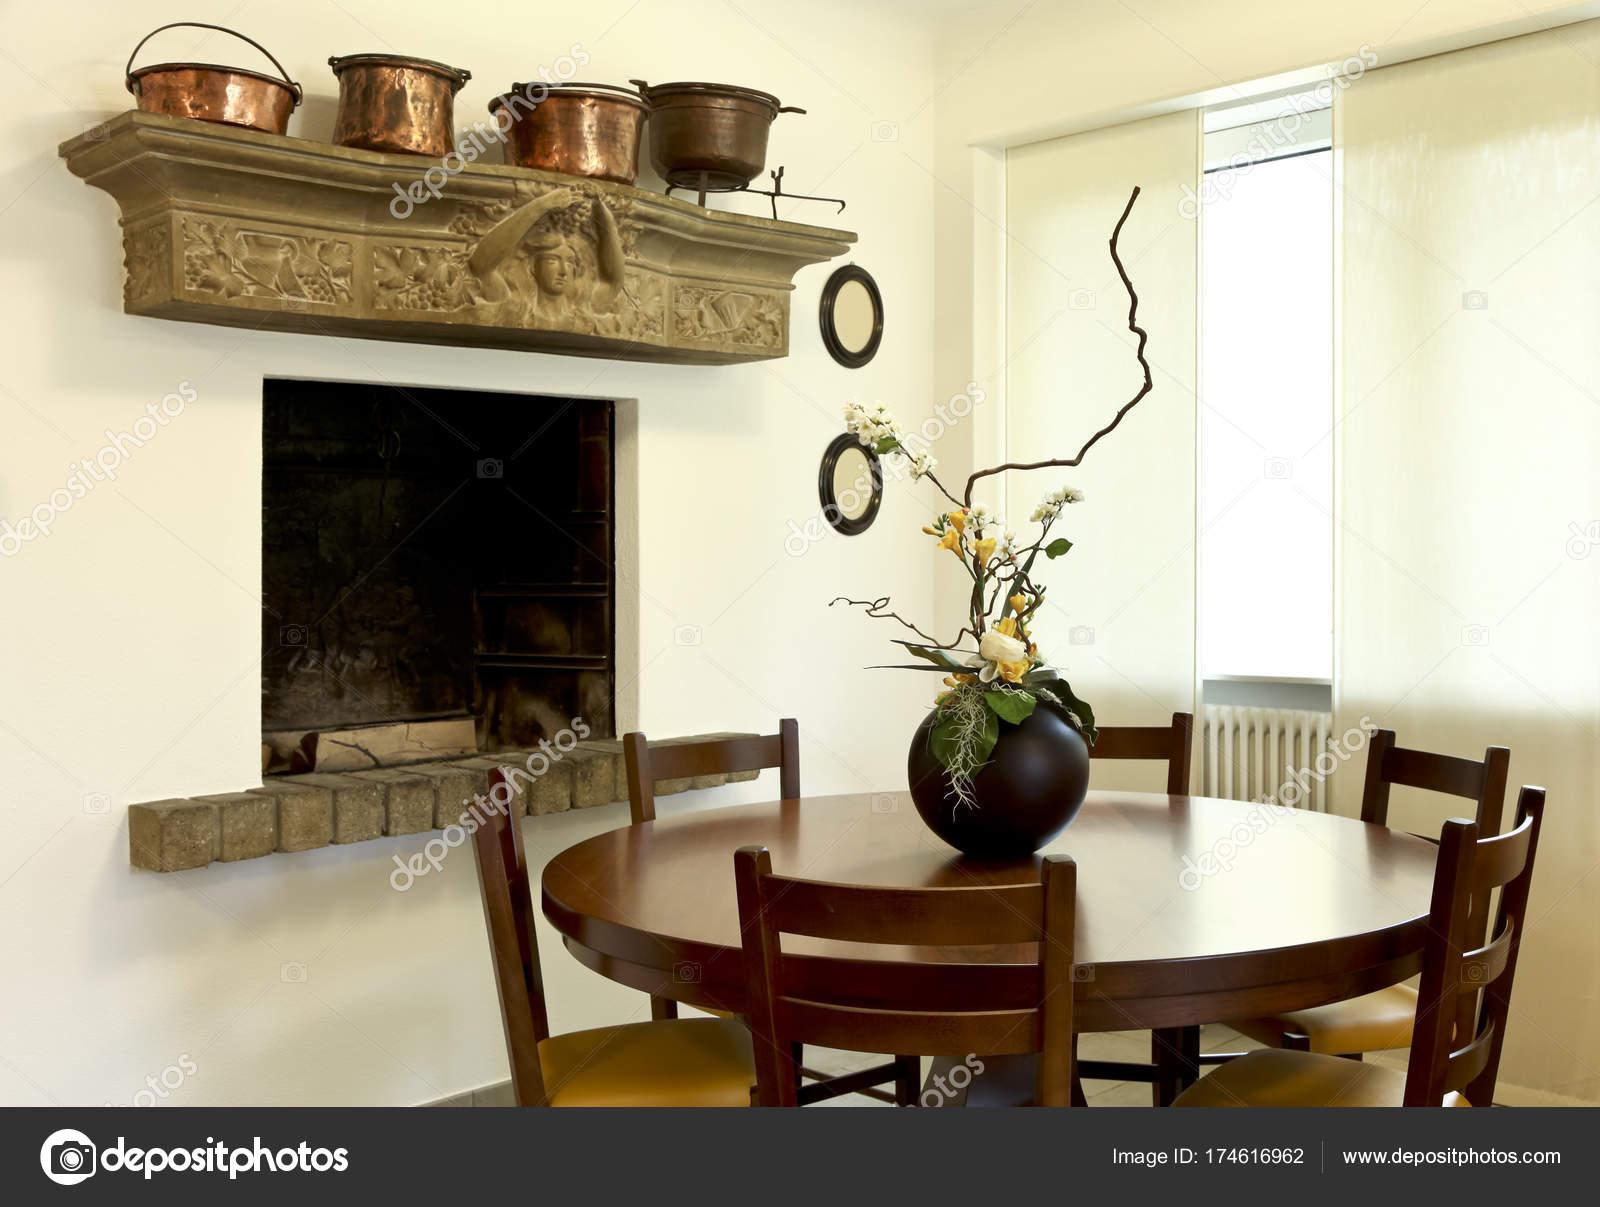 Tafel Met Haard : Houten tafel en open haard niemand u2014 stockfoto © zveiger #174616962